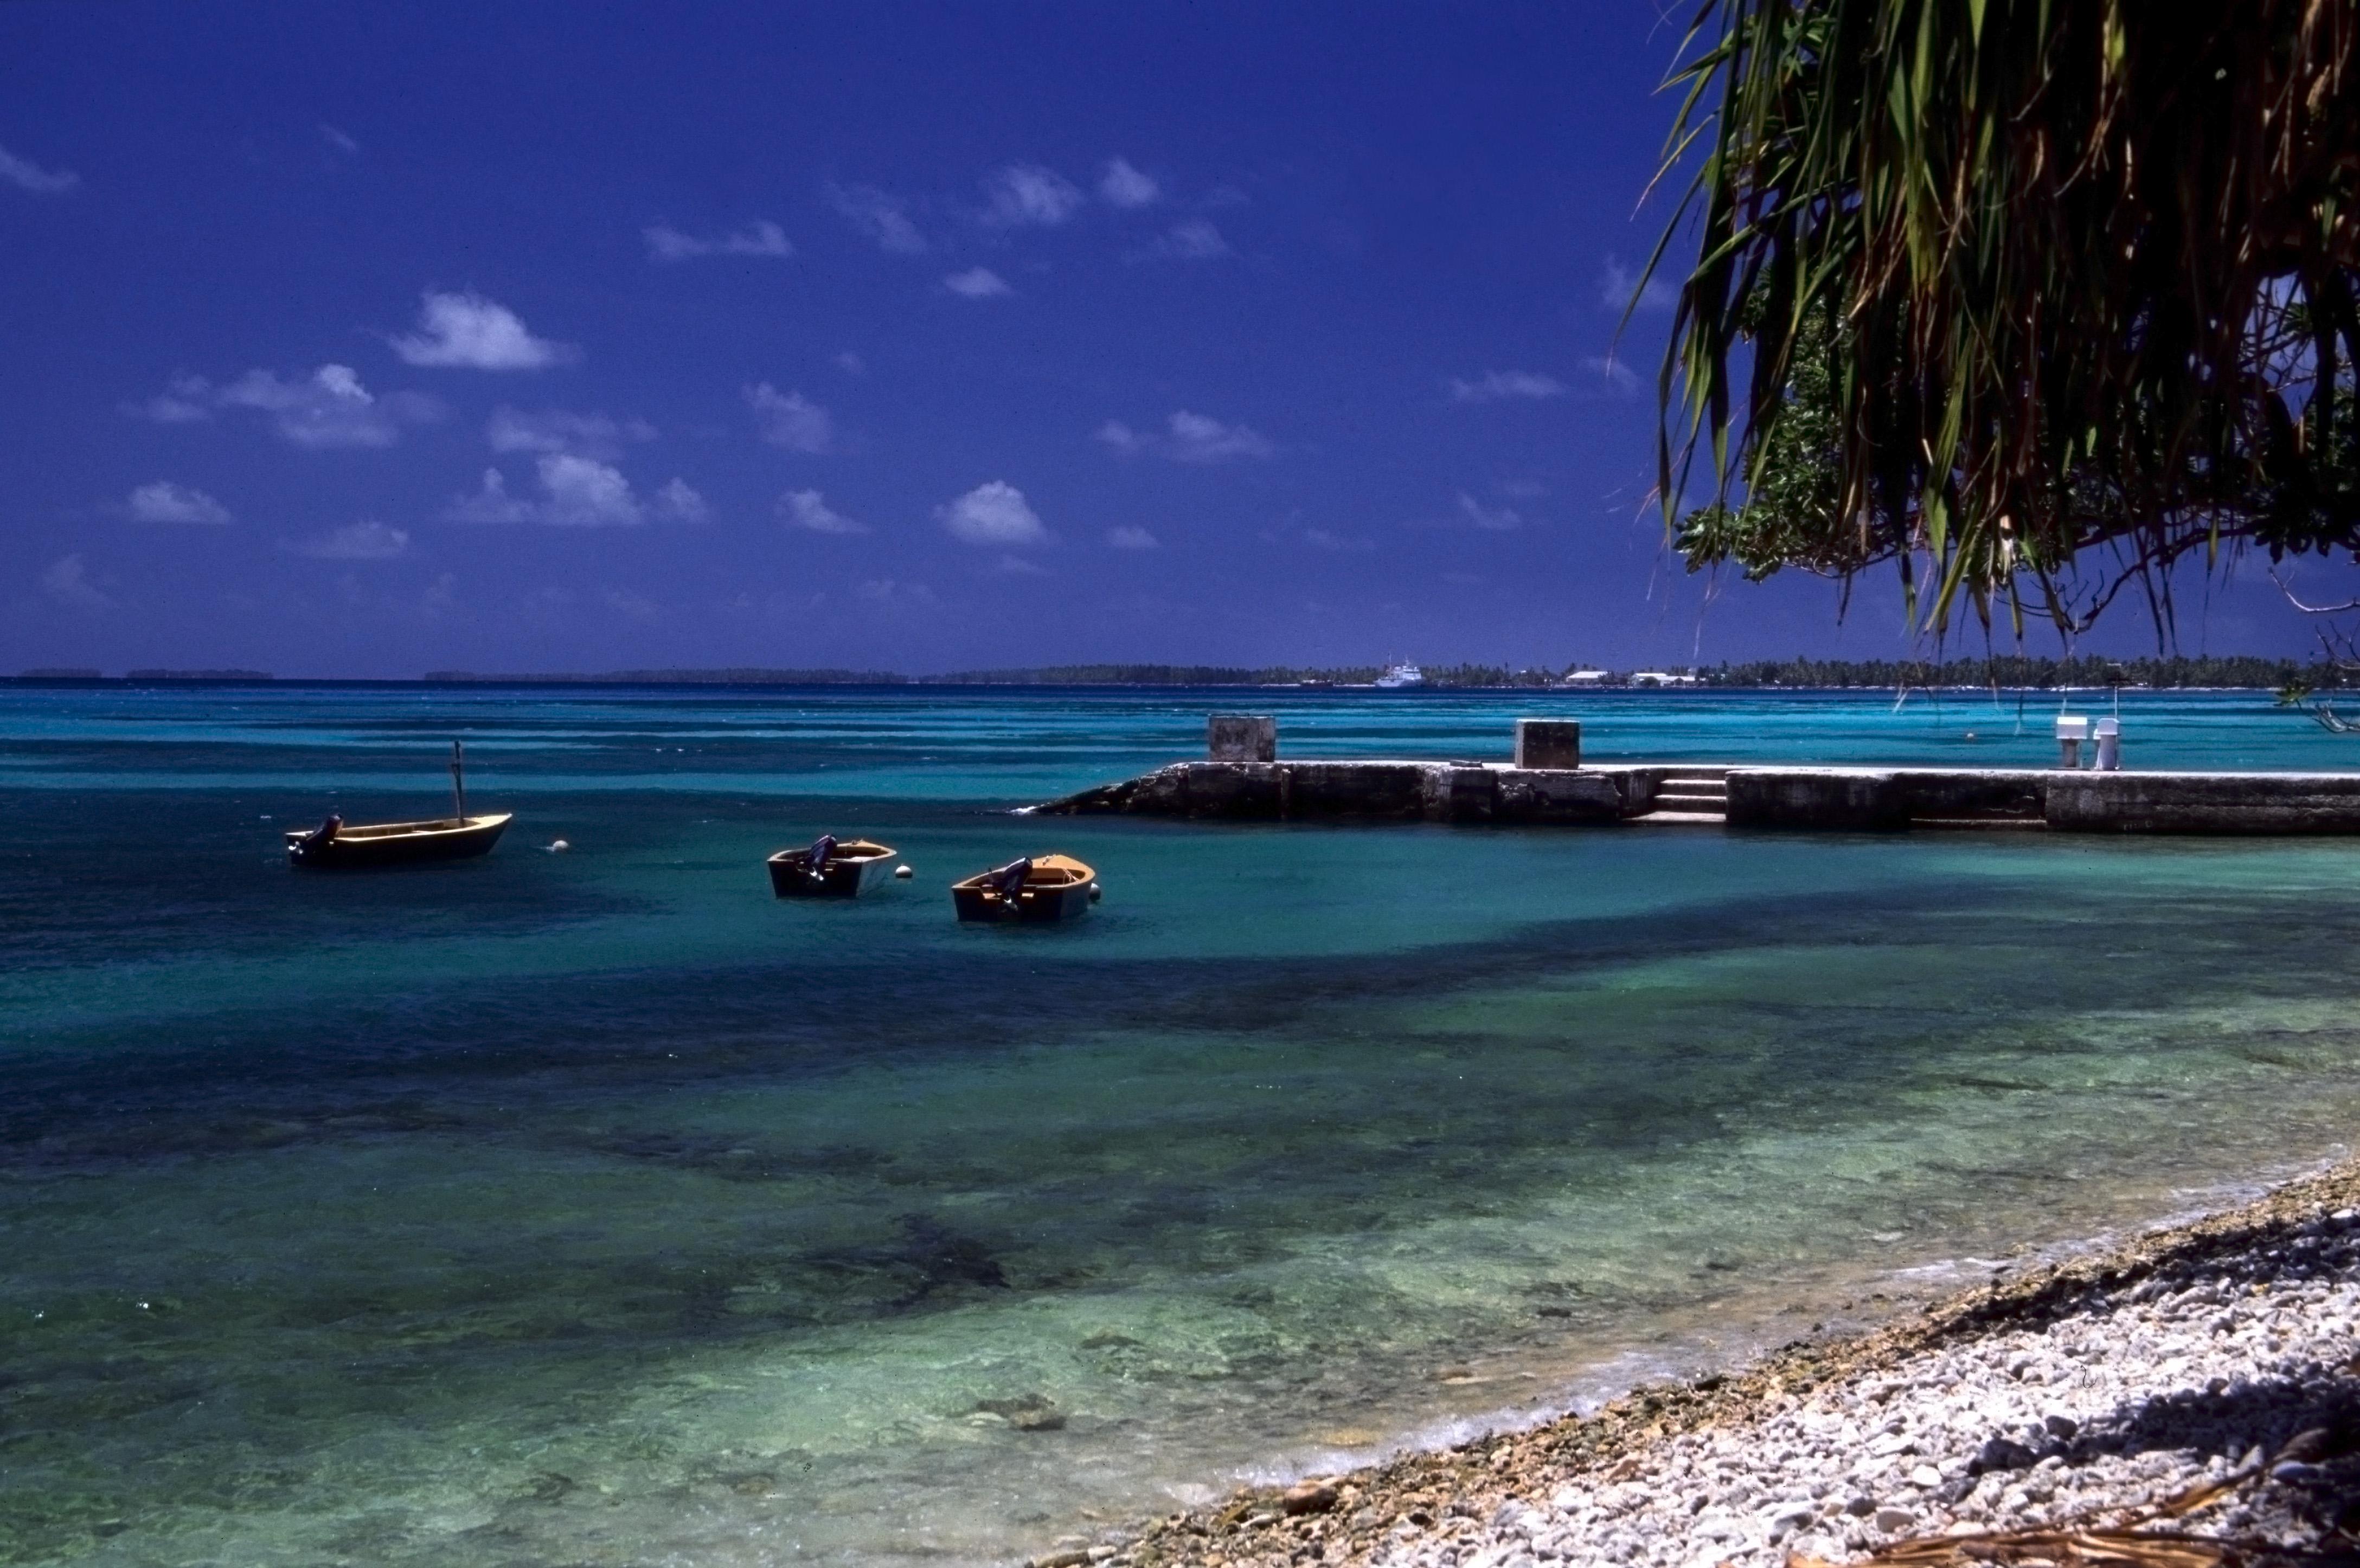 Funafuti Beach in Tuvalu